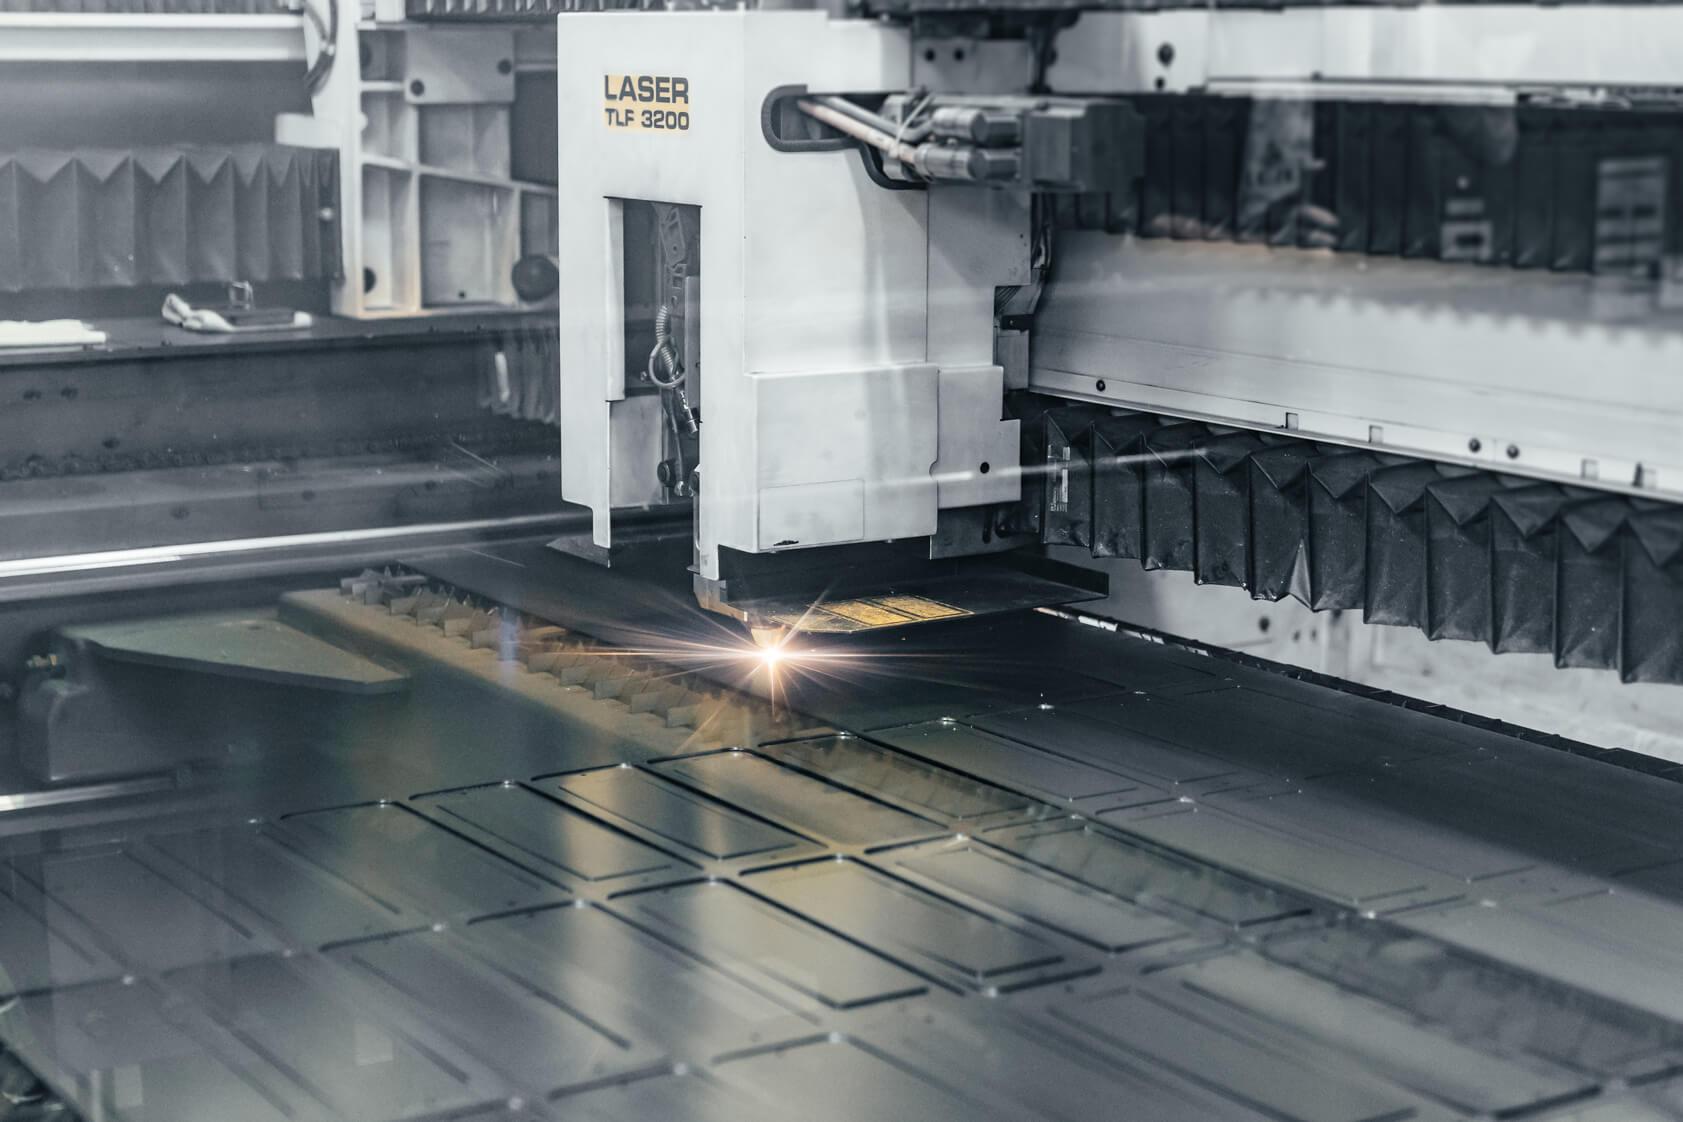 Laser TLF 3200